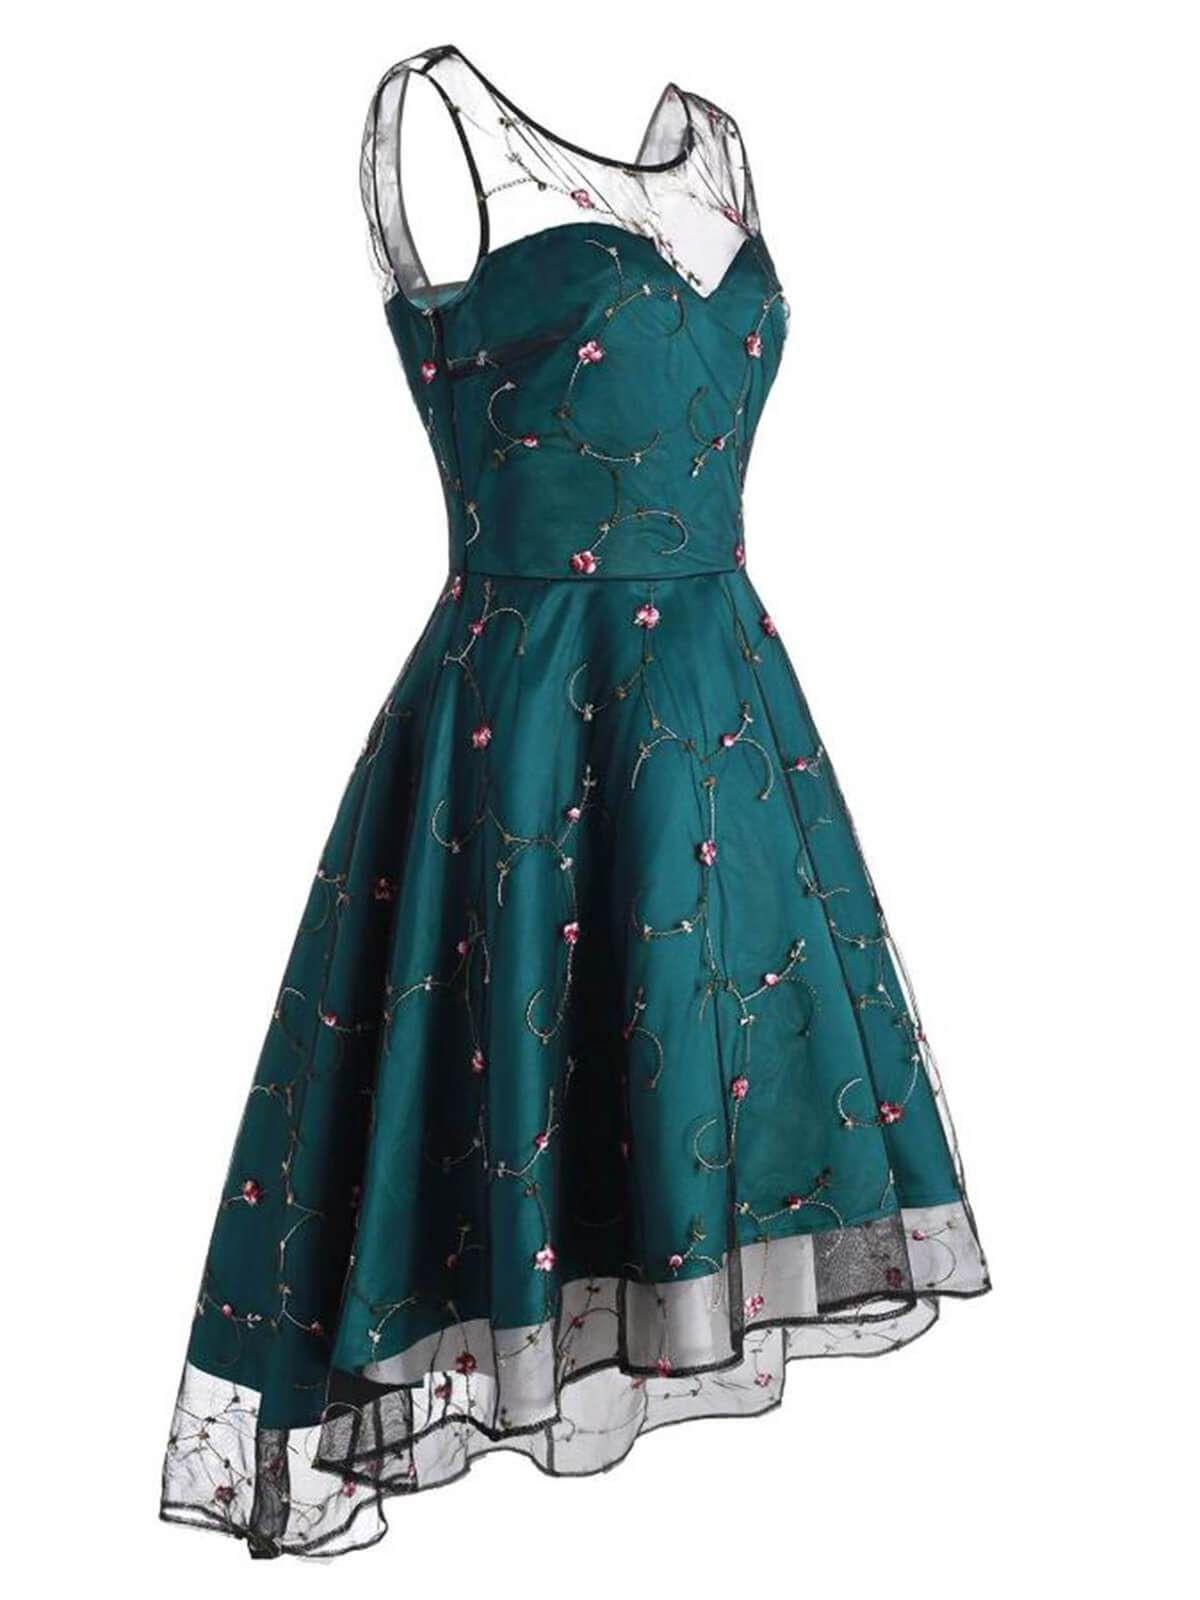 Abend Schön Kleid Mit Spitze Stylish20 Wunderbar Kleid Mit Spitze Spezialgebiet